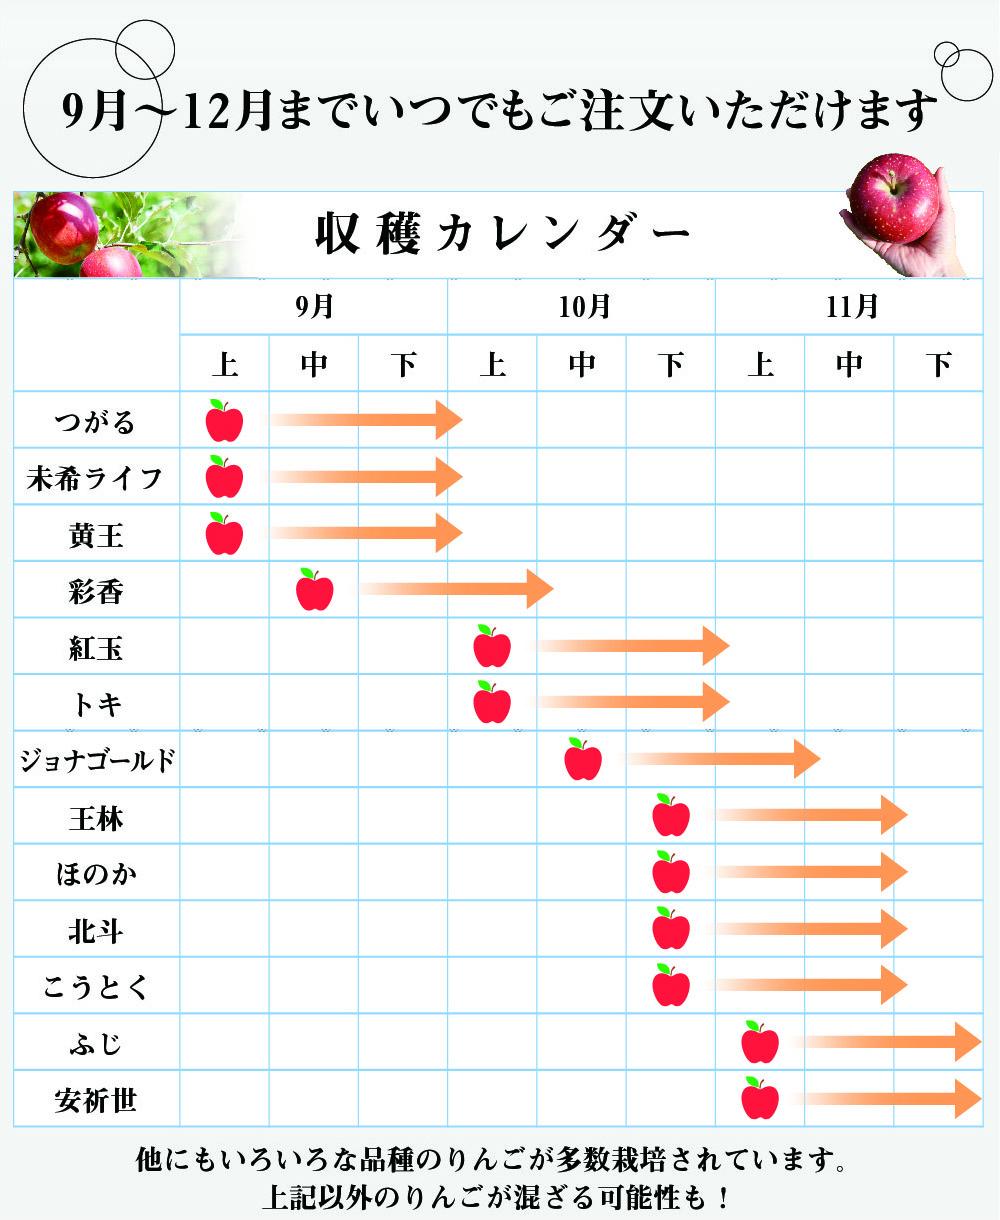 おまかせりんご商品説明2